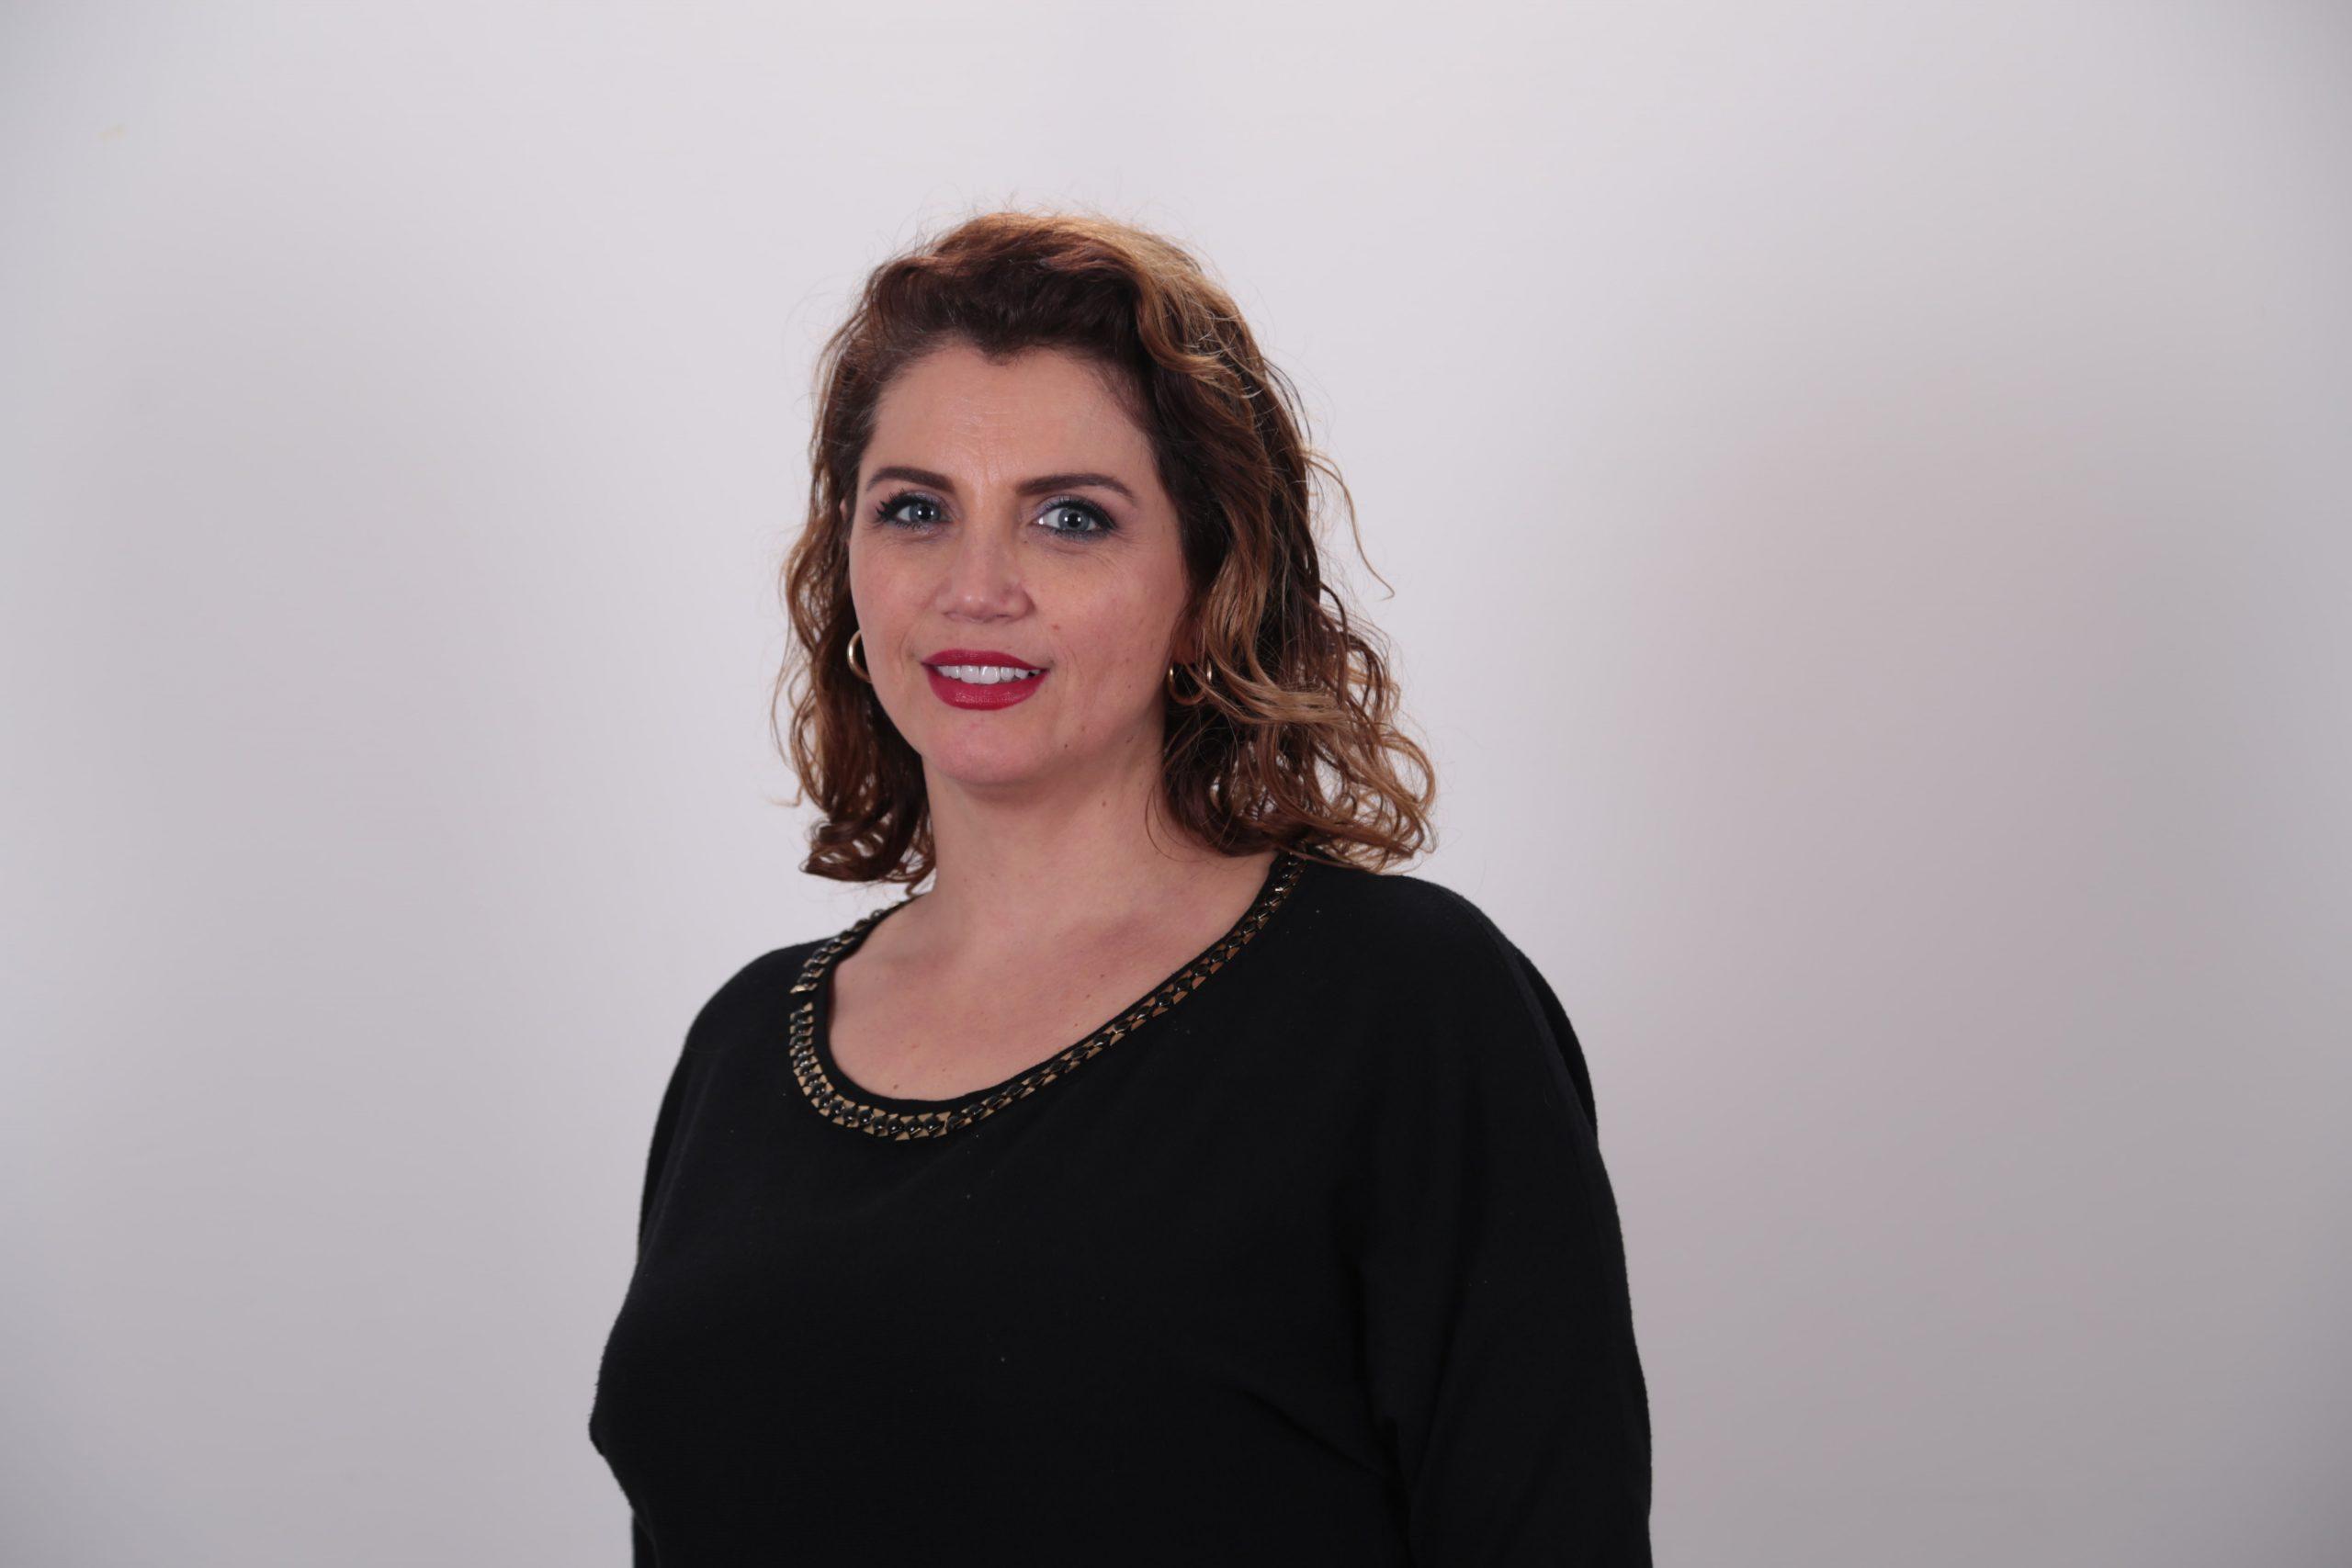 Vjollca Shahini